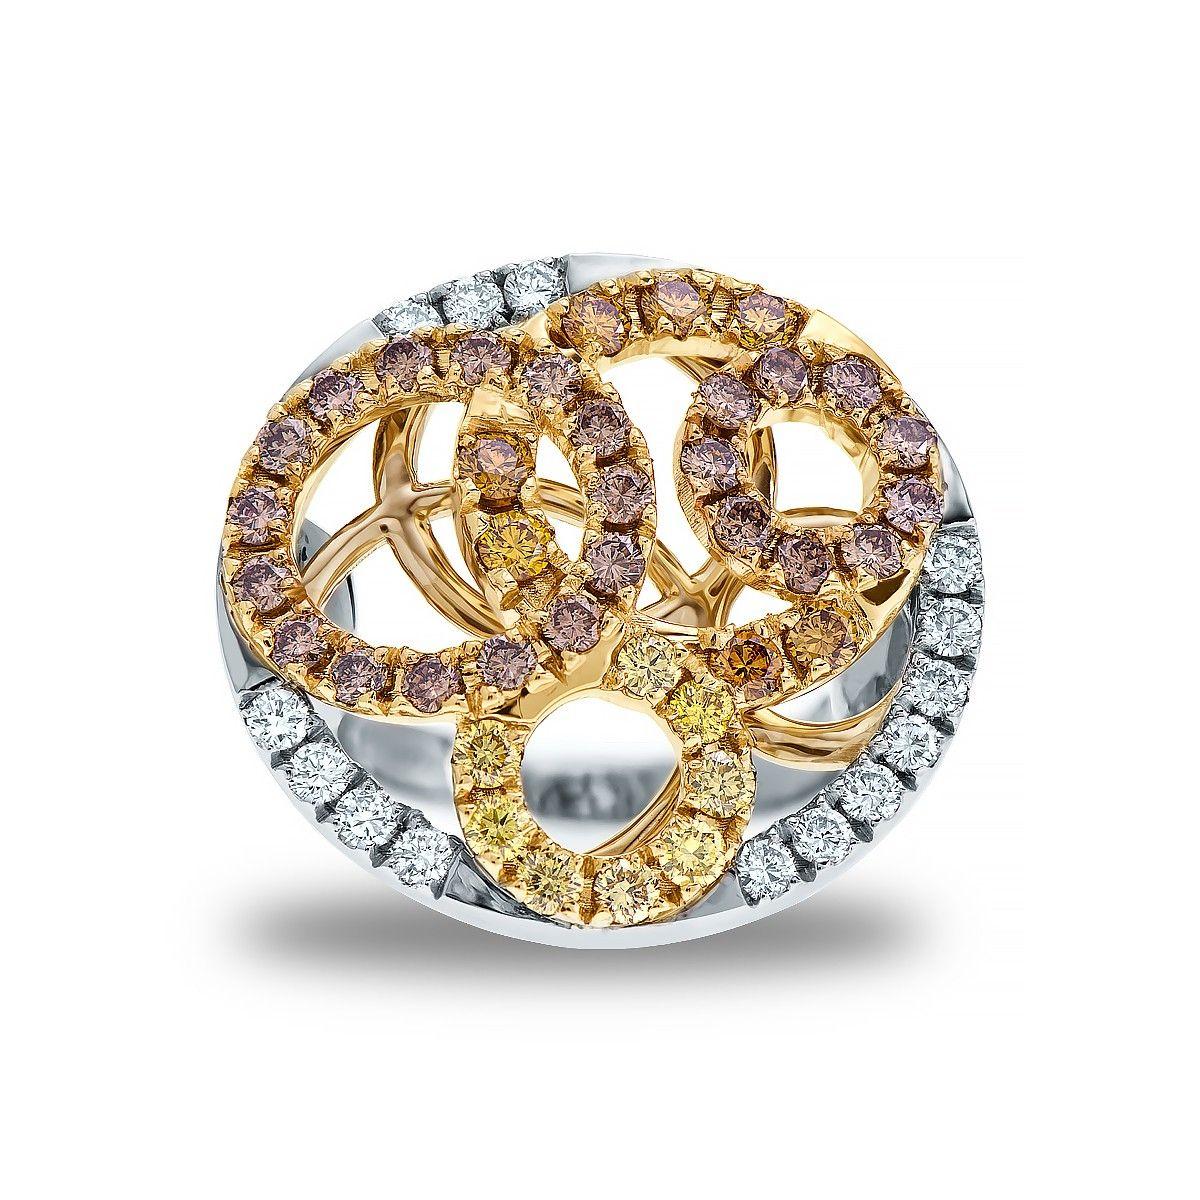 18kt White Gold Diamond Ring $2950